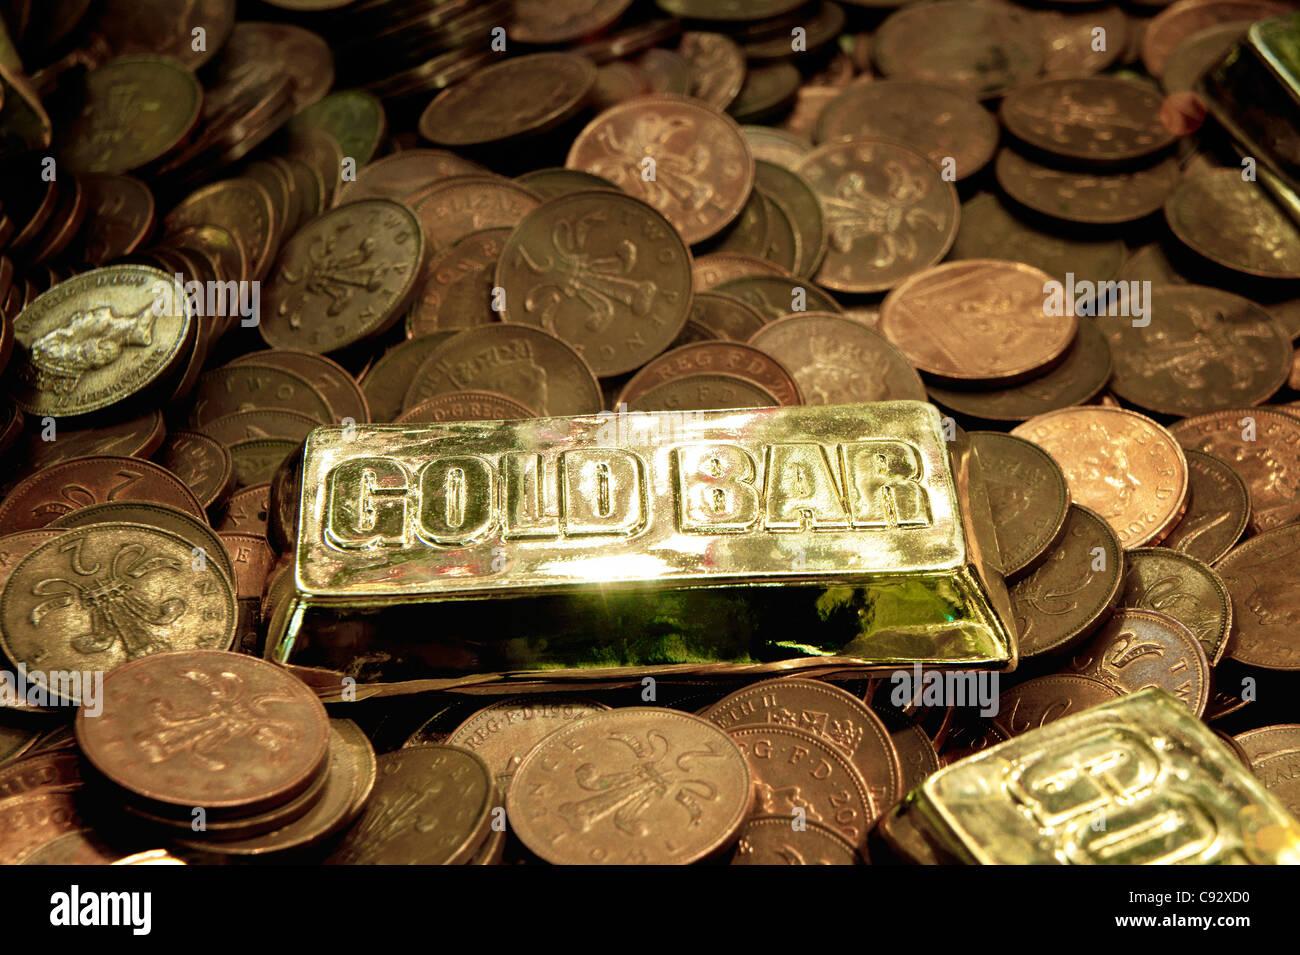 Britische Münzen und Nachahmung gold Bullion Bar in UK Seaside Resort Spielhalle Penny Falls Spielautomat Glücksspiel Stockbild